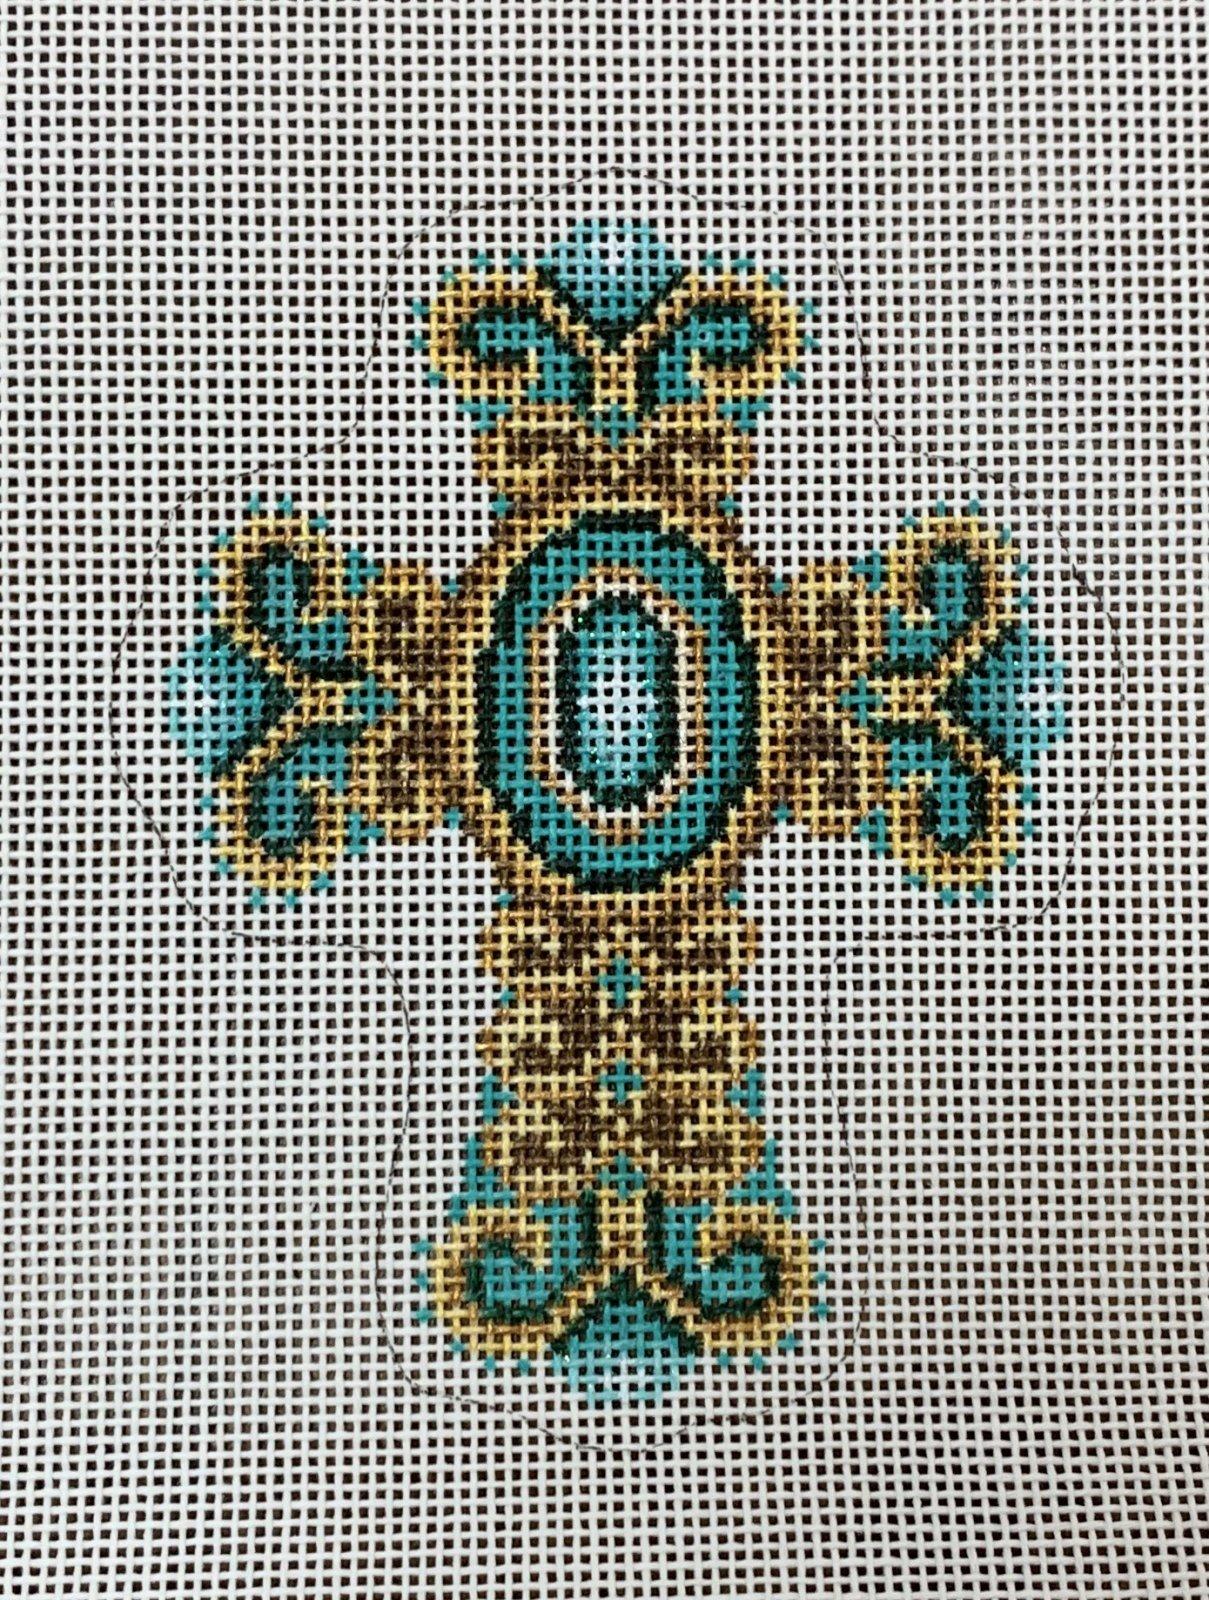 Cross - Aqua Bronze & Gold